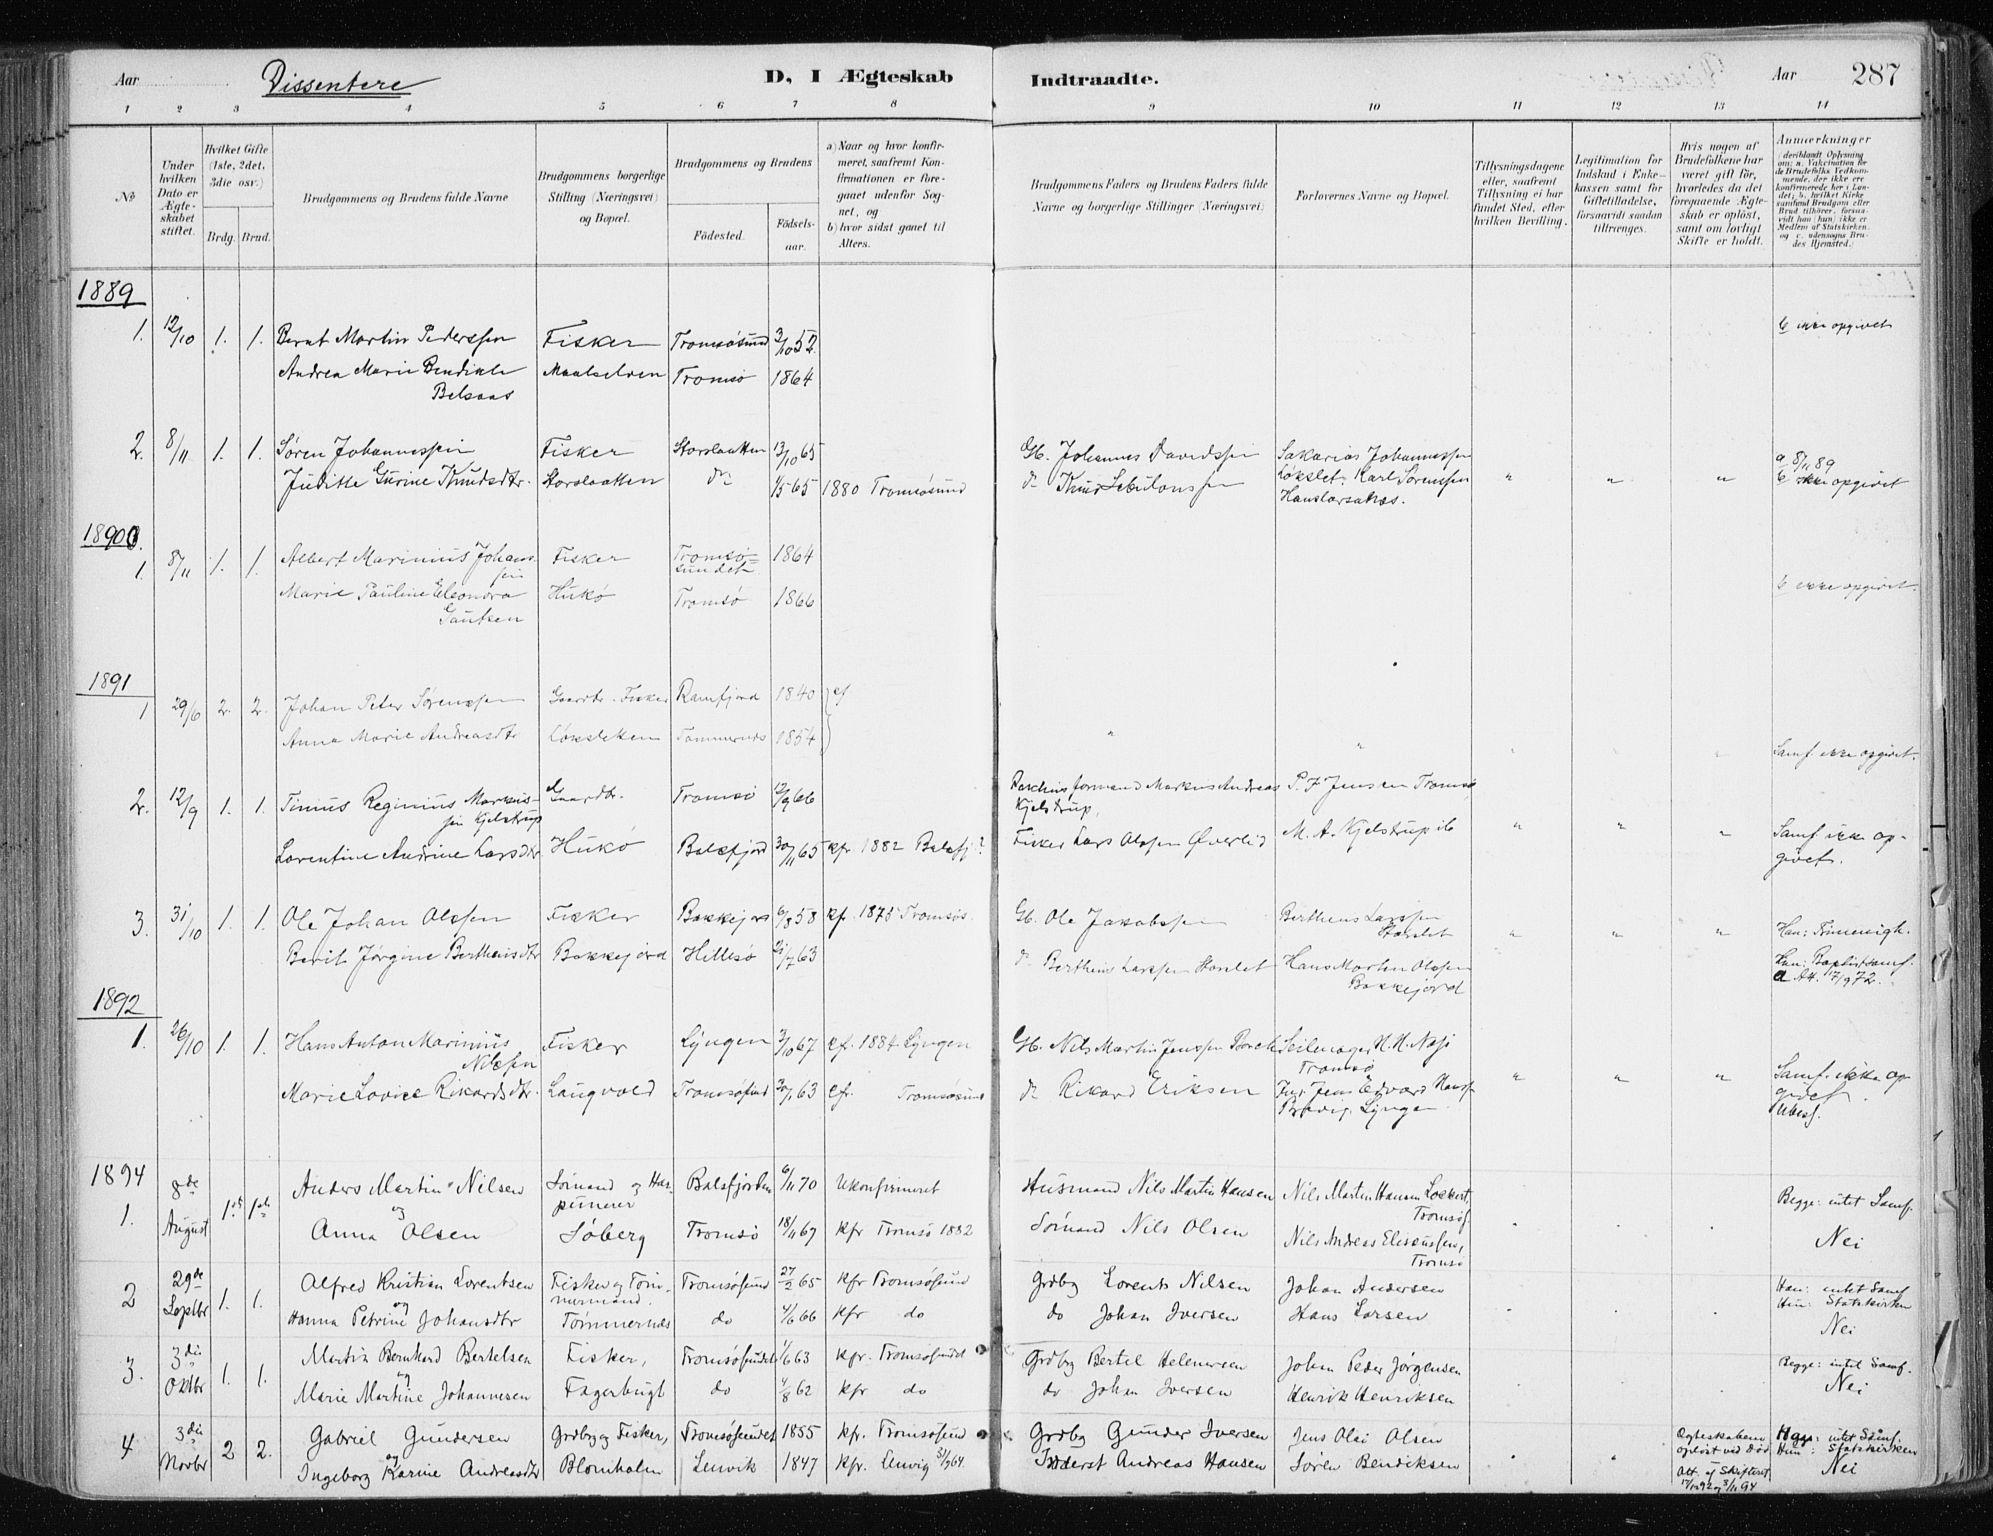 SATØ, Tromsøysund sokneprestkontor, G/Ga/L0005kirke: Ministerialbok nr. 5, 1888-1896, s. 287